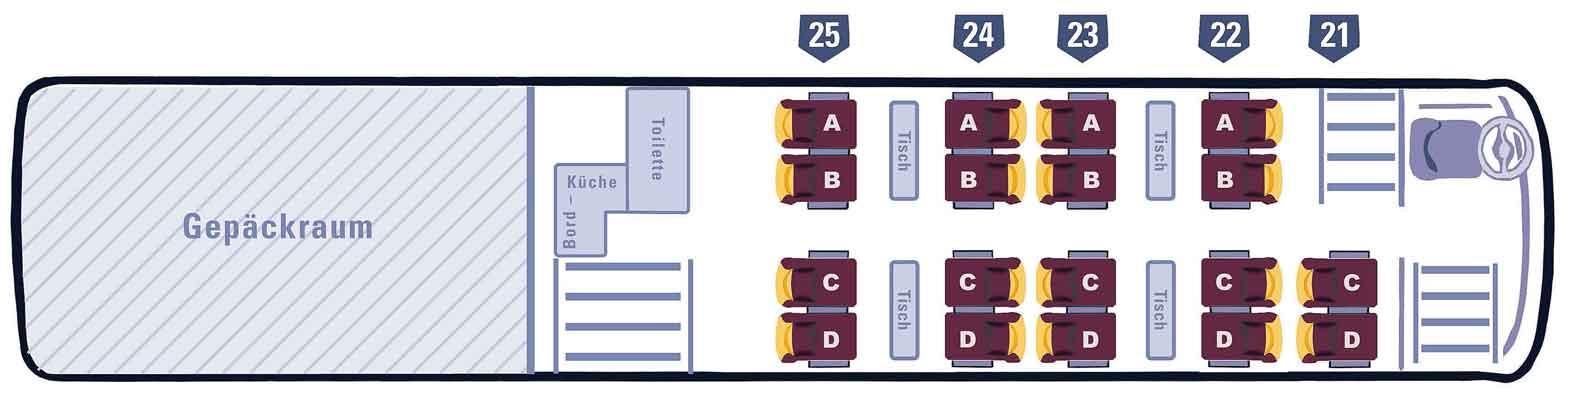 Marti Car Sitzplatzspiegel Doppelstockbus unten 4 Tische